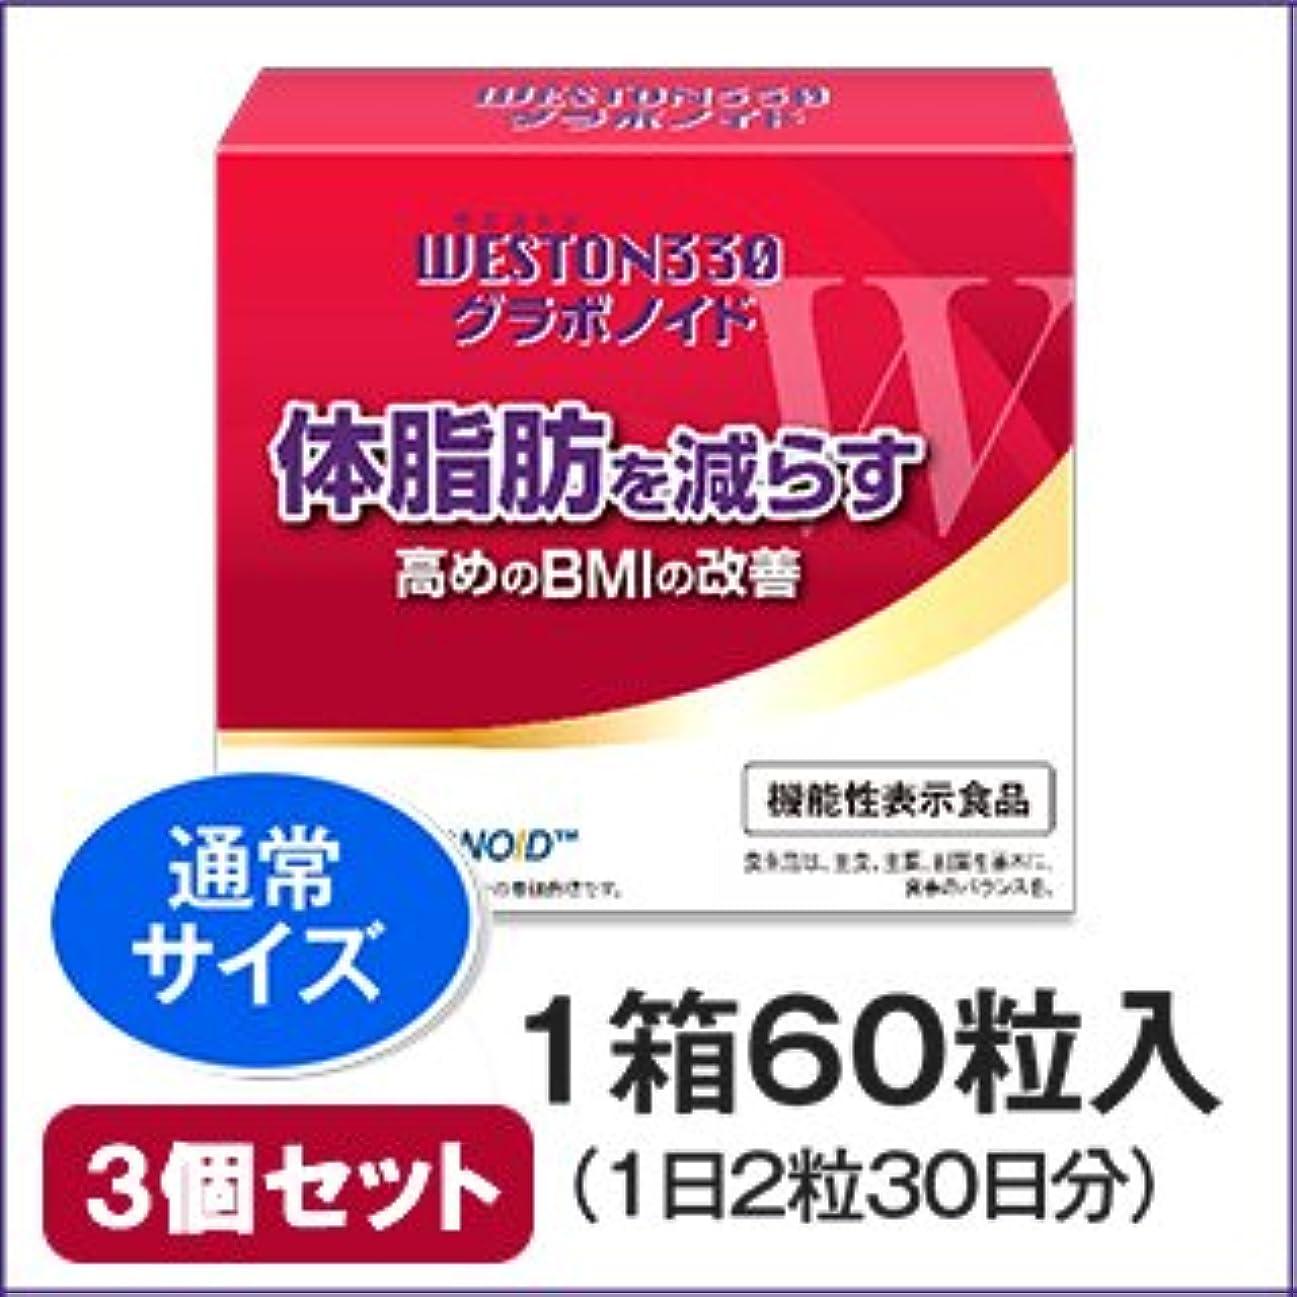 石炭飾る玉ウエストン330グラボノイド(30日分 1箱60粒入り)×3個セット